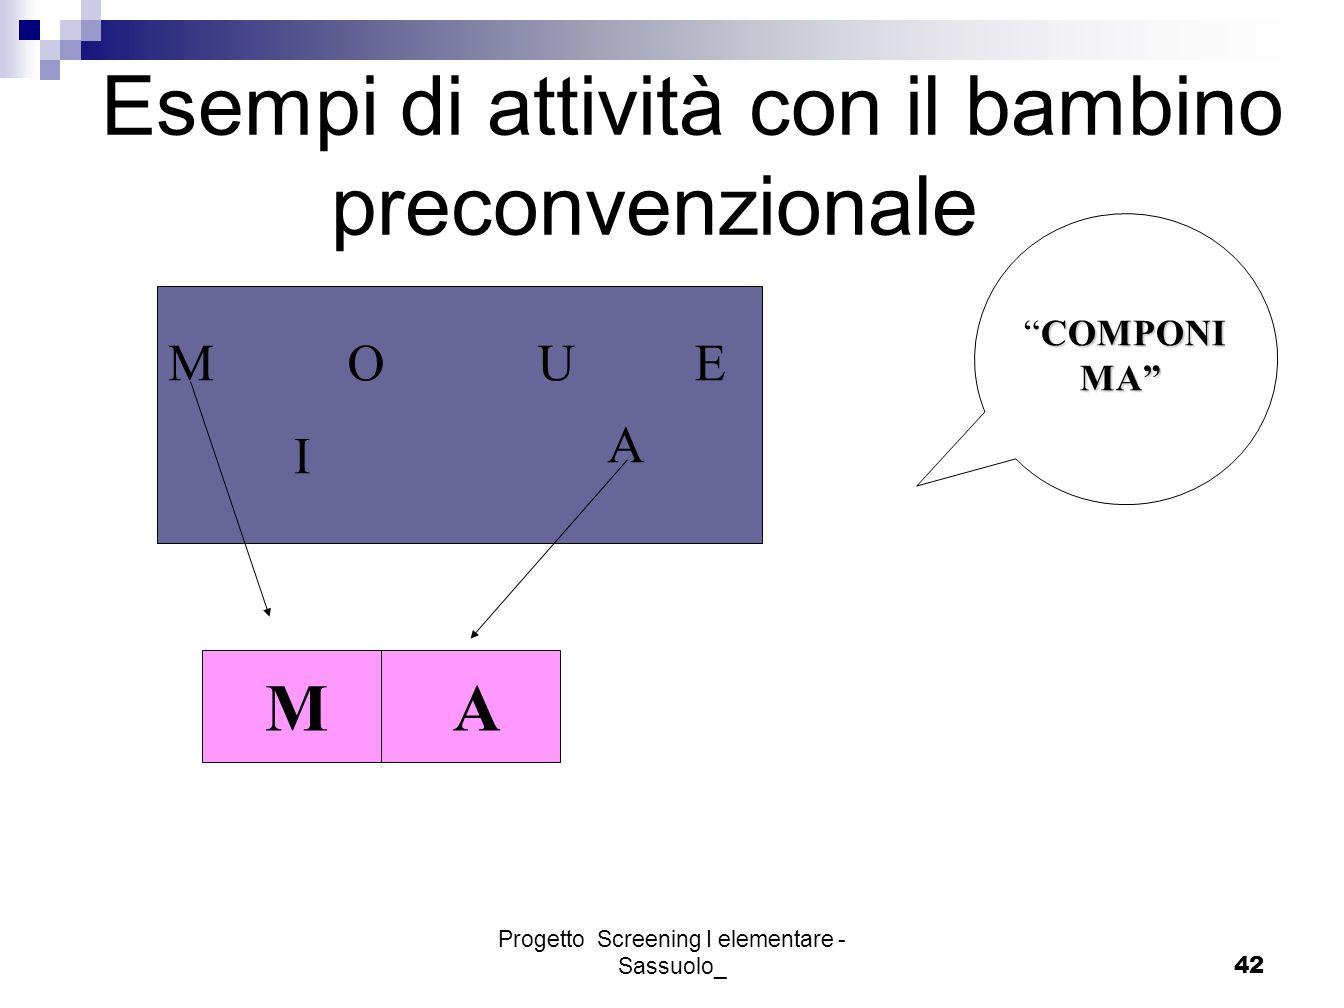 Progetto Screening I elementare - Sassuolo_42 Esempi di attività con il bambino preconvenzionale MOUE I A COMPONICOMPONI MA MA MA